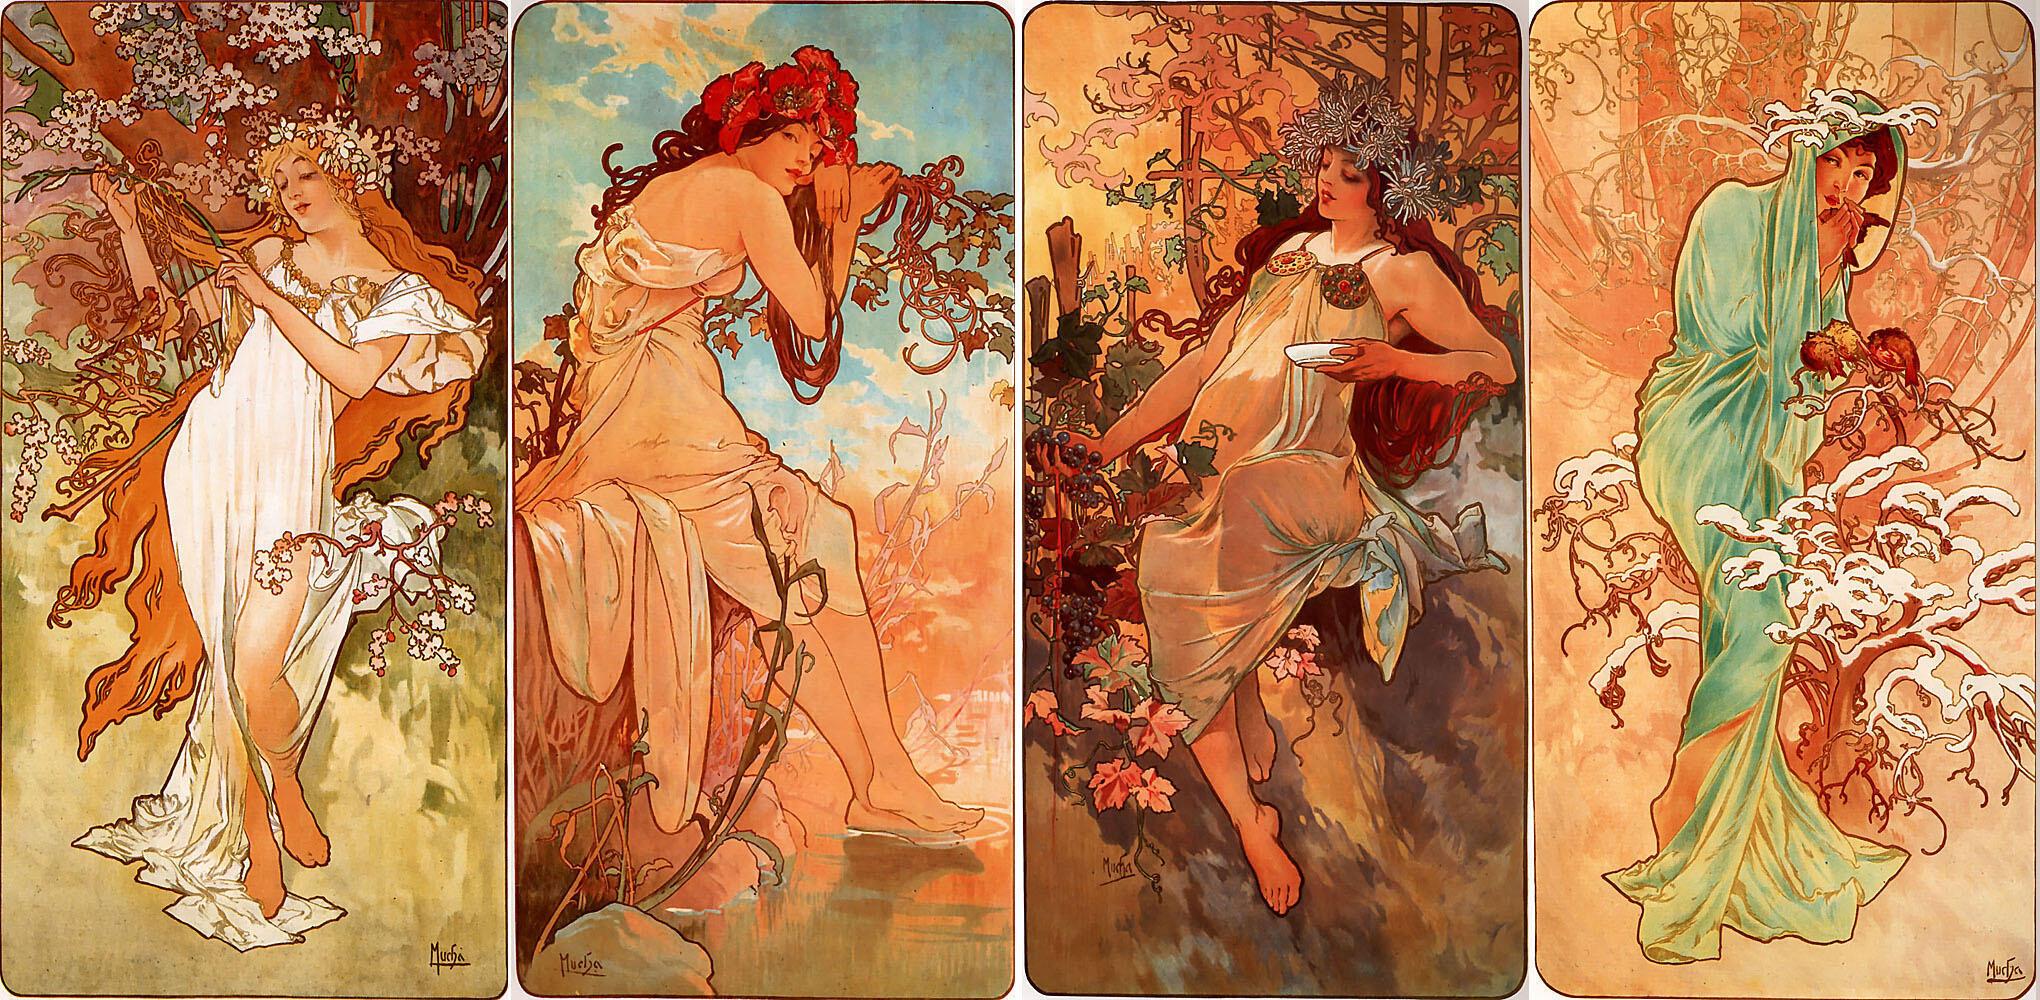 چهار فصل اثر آلفونس موخا در سال 1896